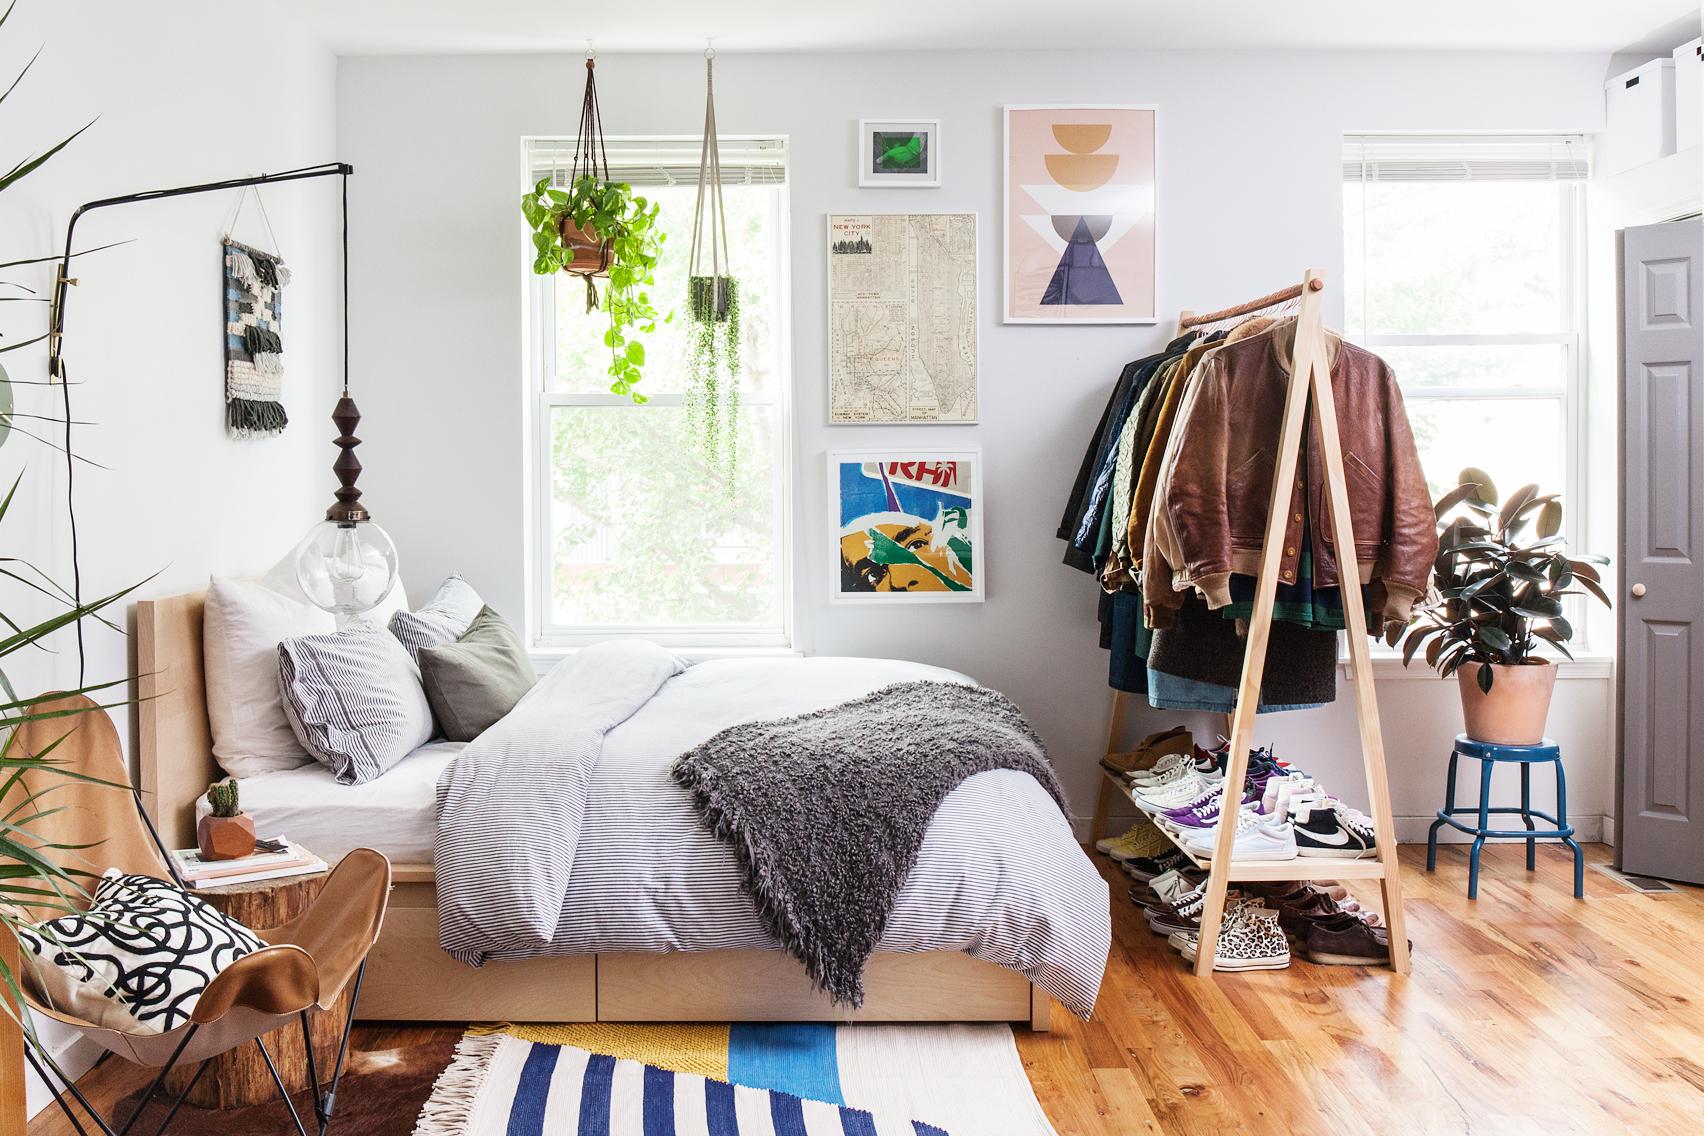 600-square-foot Philadelphia apartment